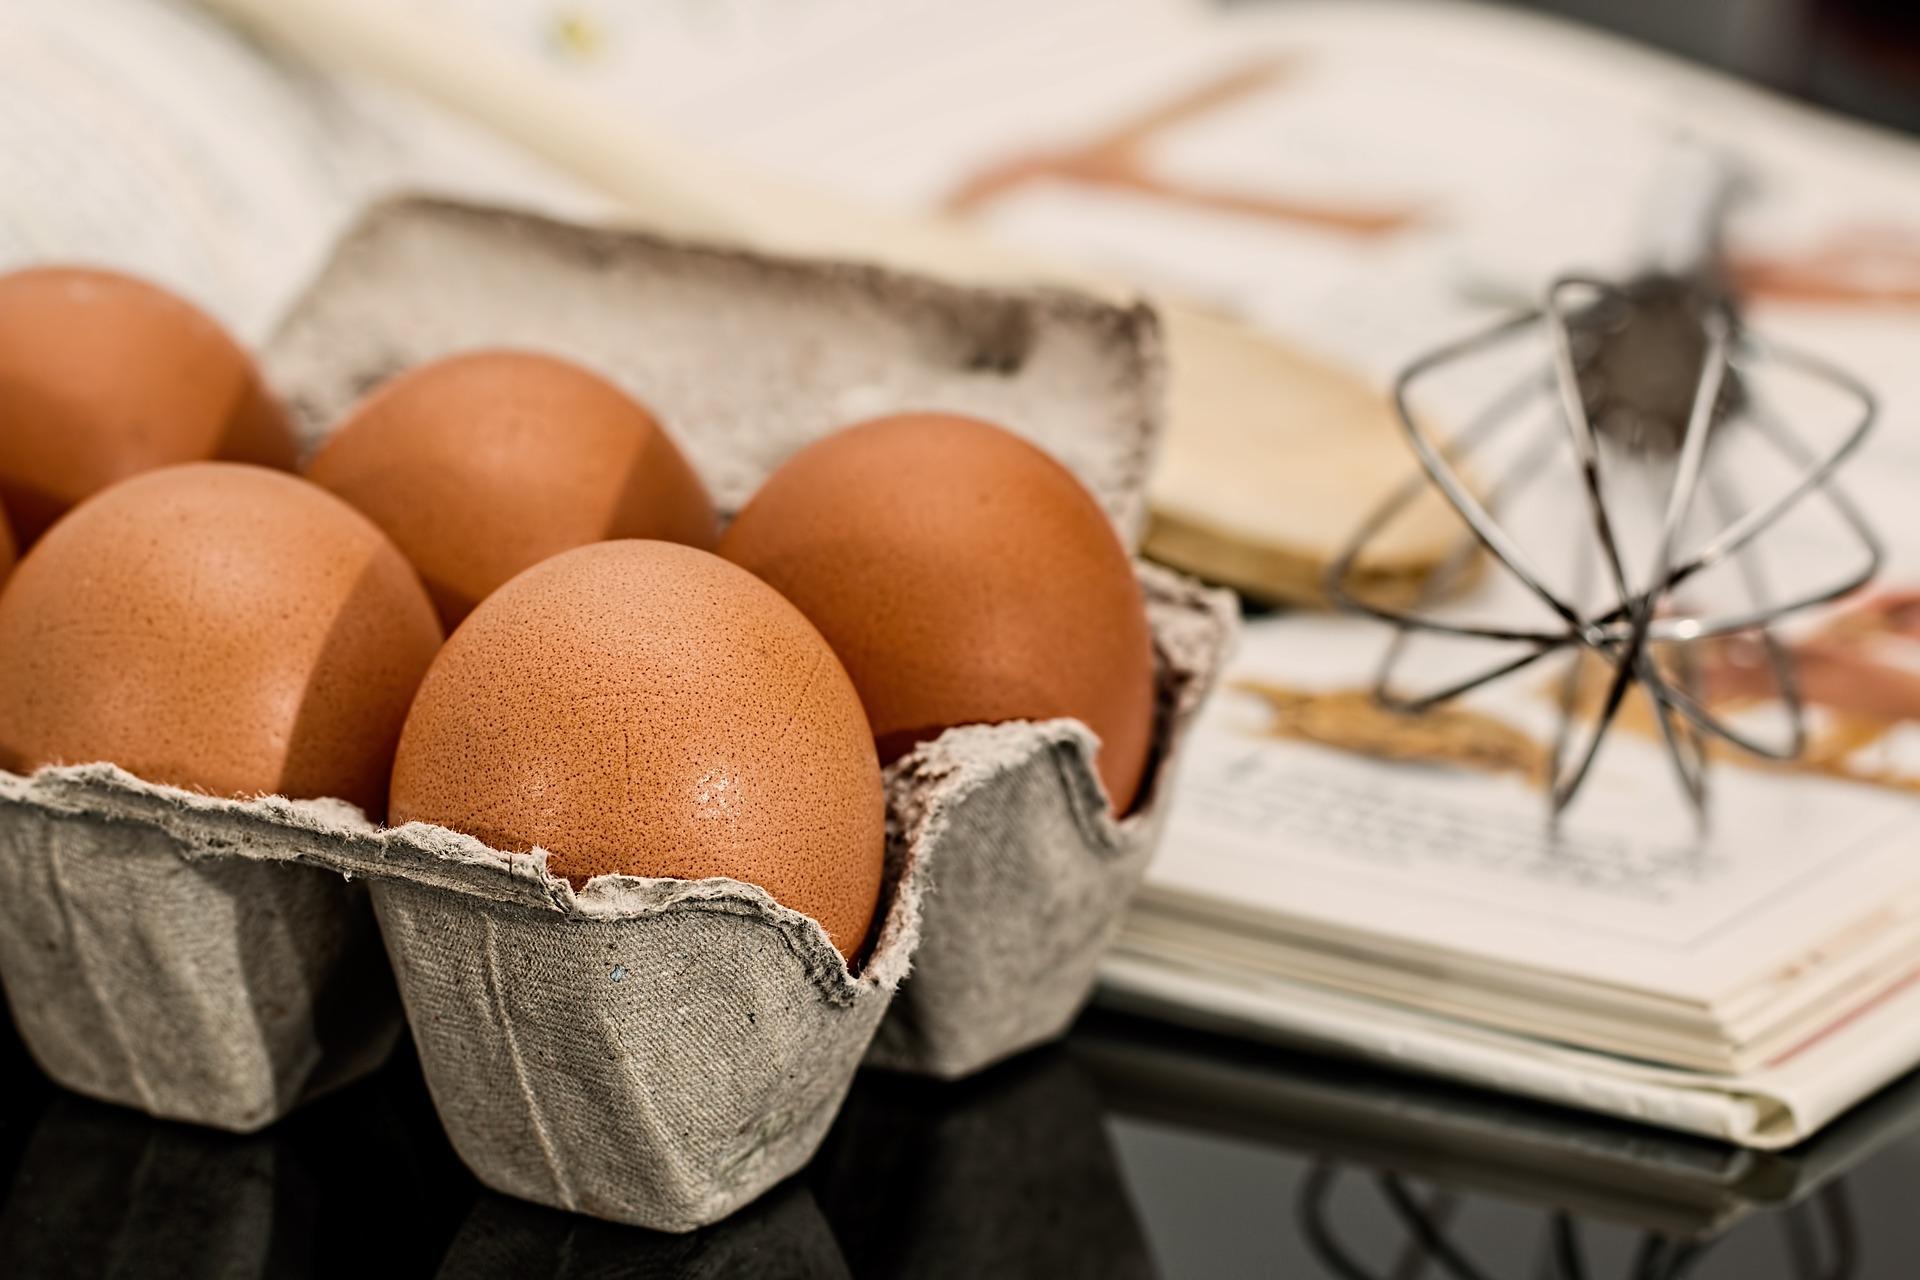 Codice delle uova sul guscio, cosa significa?